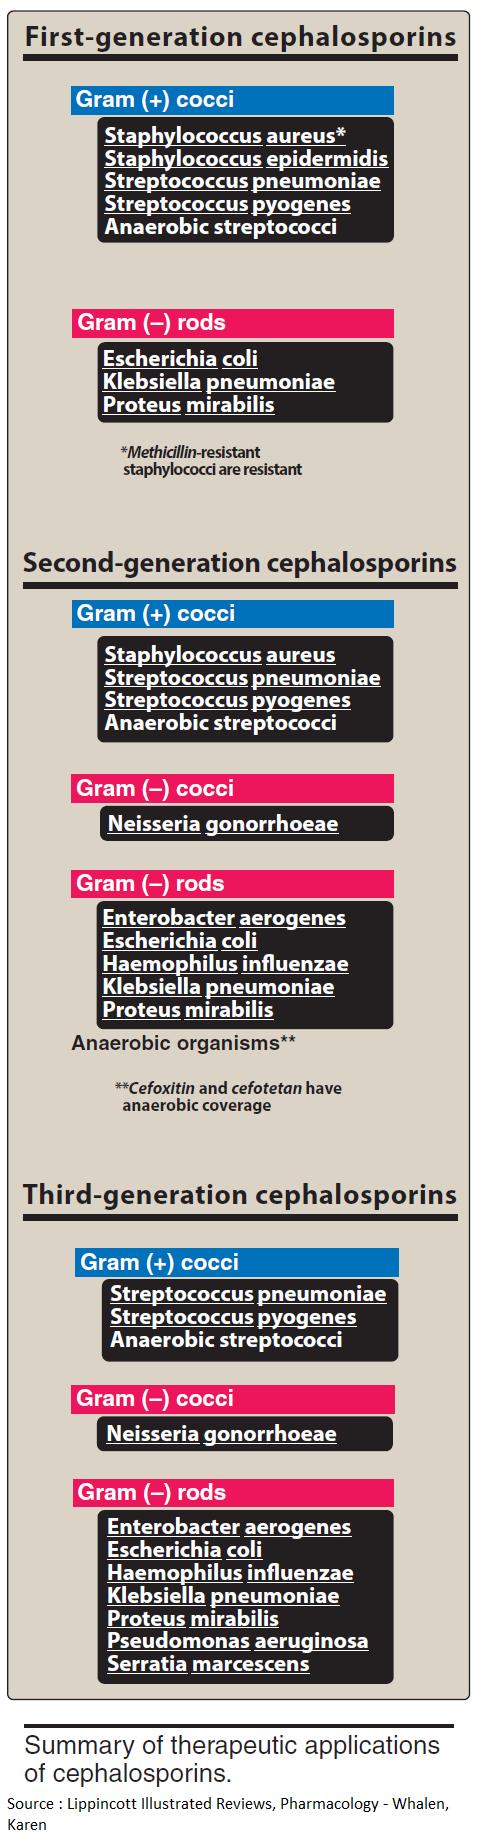 Cephalosporin Coverage First-generation cephalosporins:   - Gram (+) cocci: Staphylococcus aureus, Staphylococcus epidermidis, Streptococcus pneumoniae, Streptococcus pyogenes,